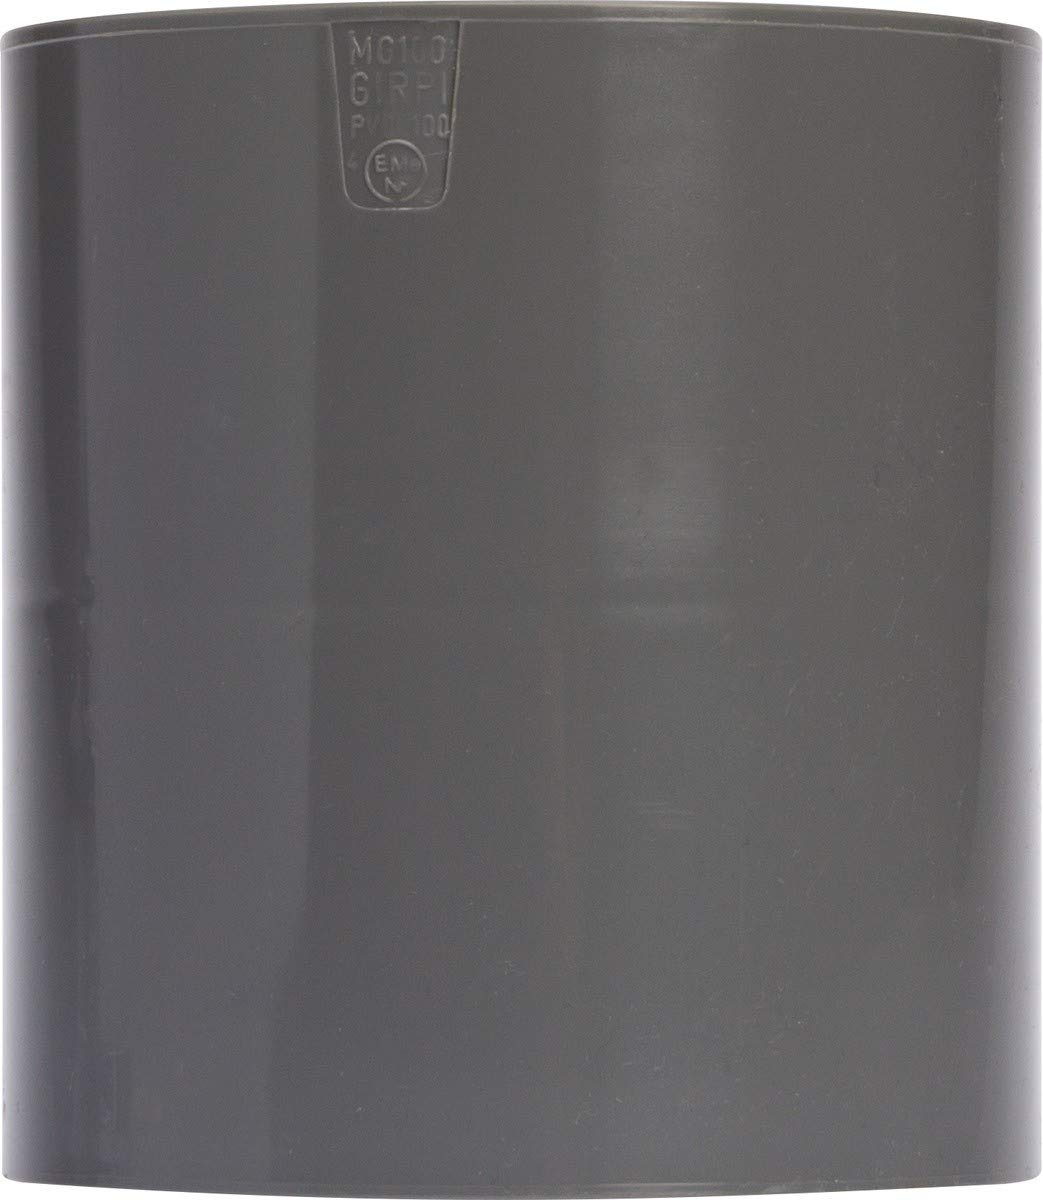 GIRPI Femelle /ø80 mm Manchon avec but/ée Femelle